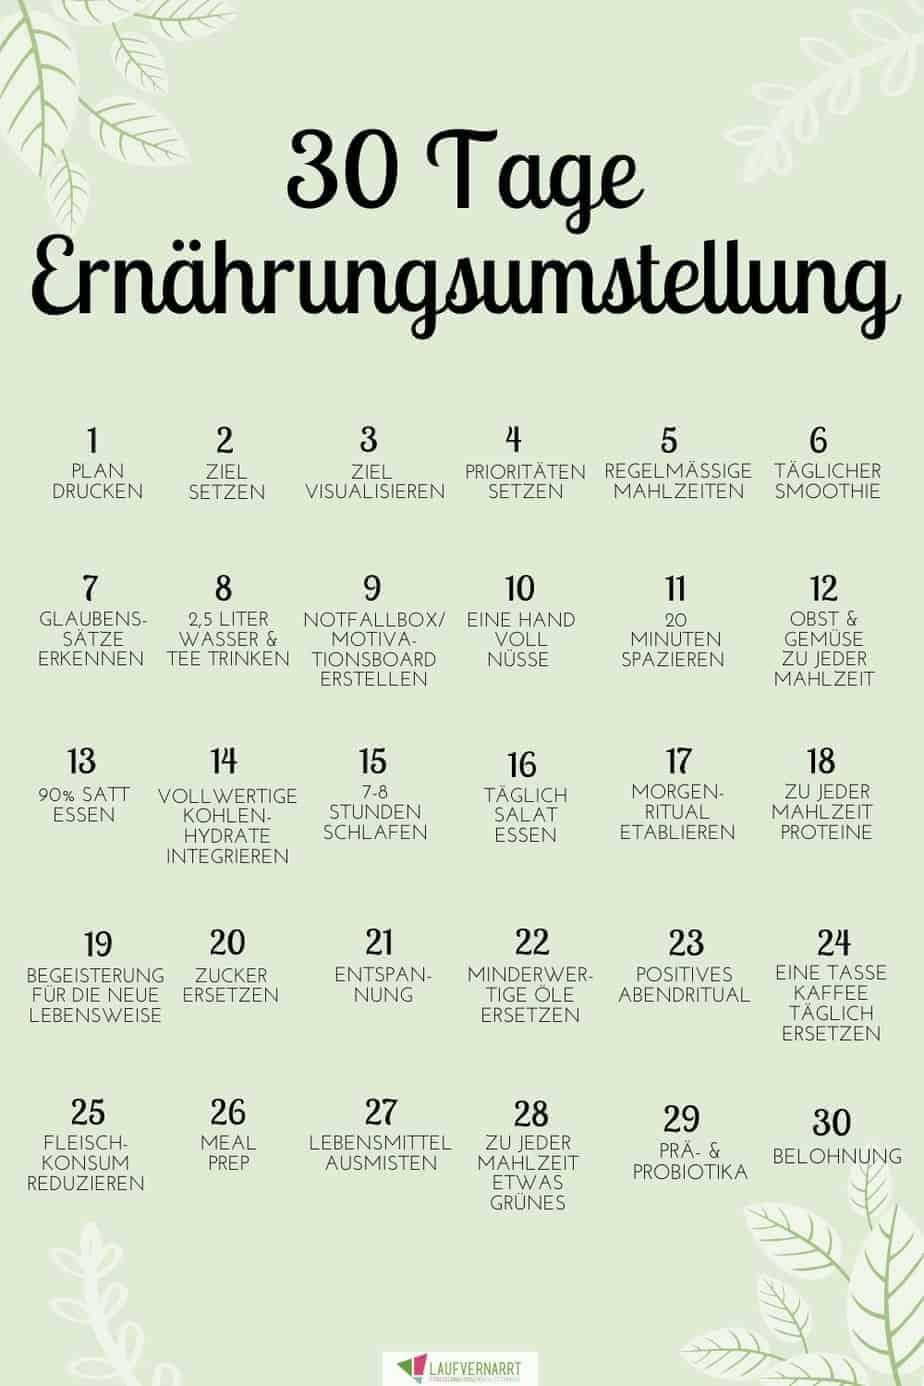 #Challenge #Ernährungsumstellung: Revolutioniere deine #Ernährung in 30 Tagen zu #gesund! Hier bekommst du die komplette Anleitung und alle Tipps, die du brauchst.